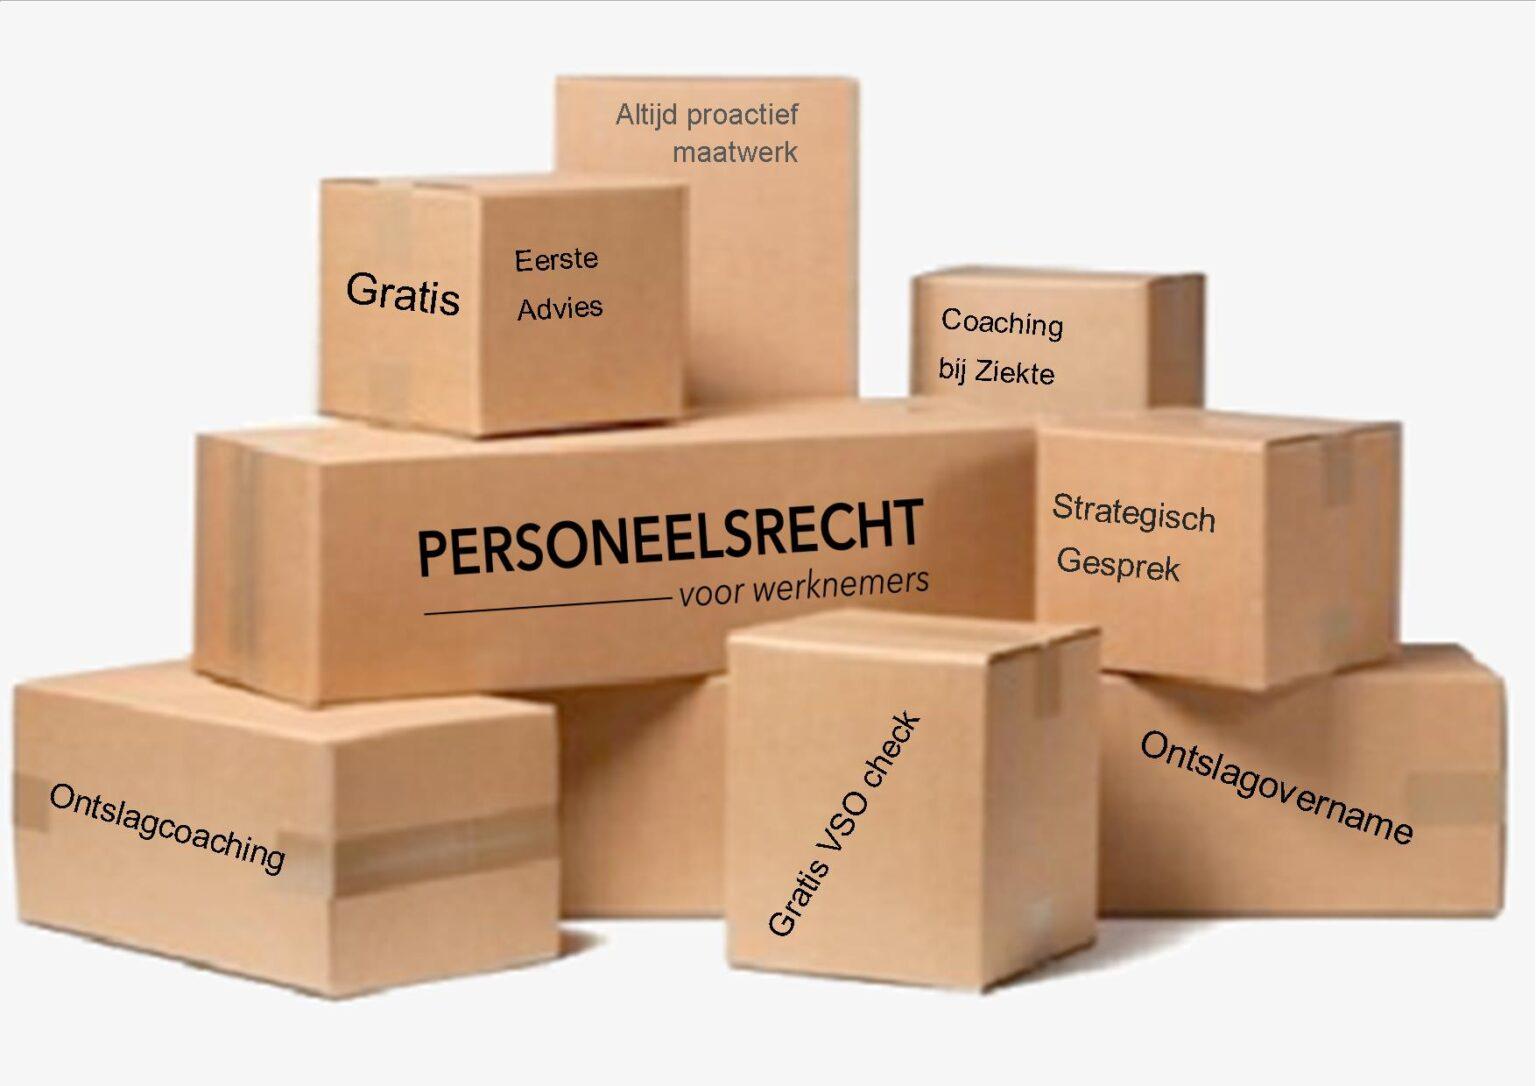 Pakketten Personeelsrecht